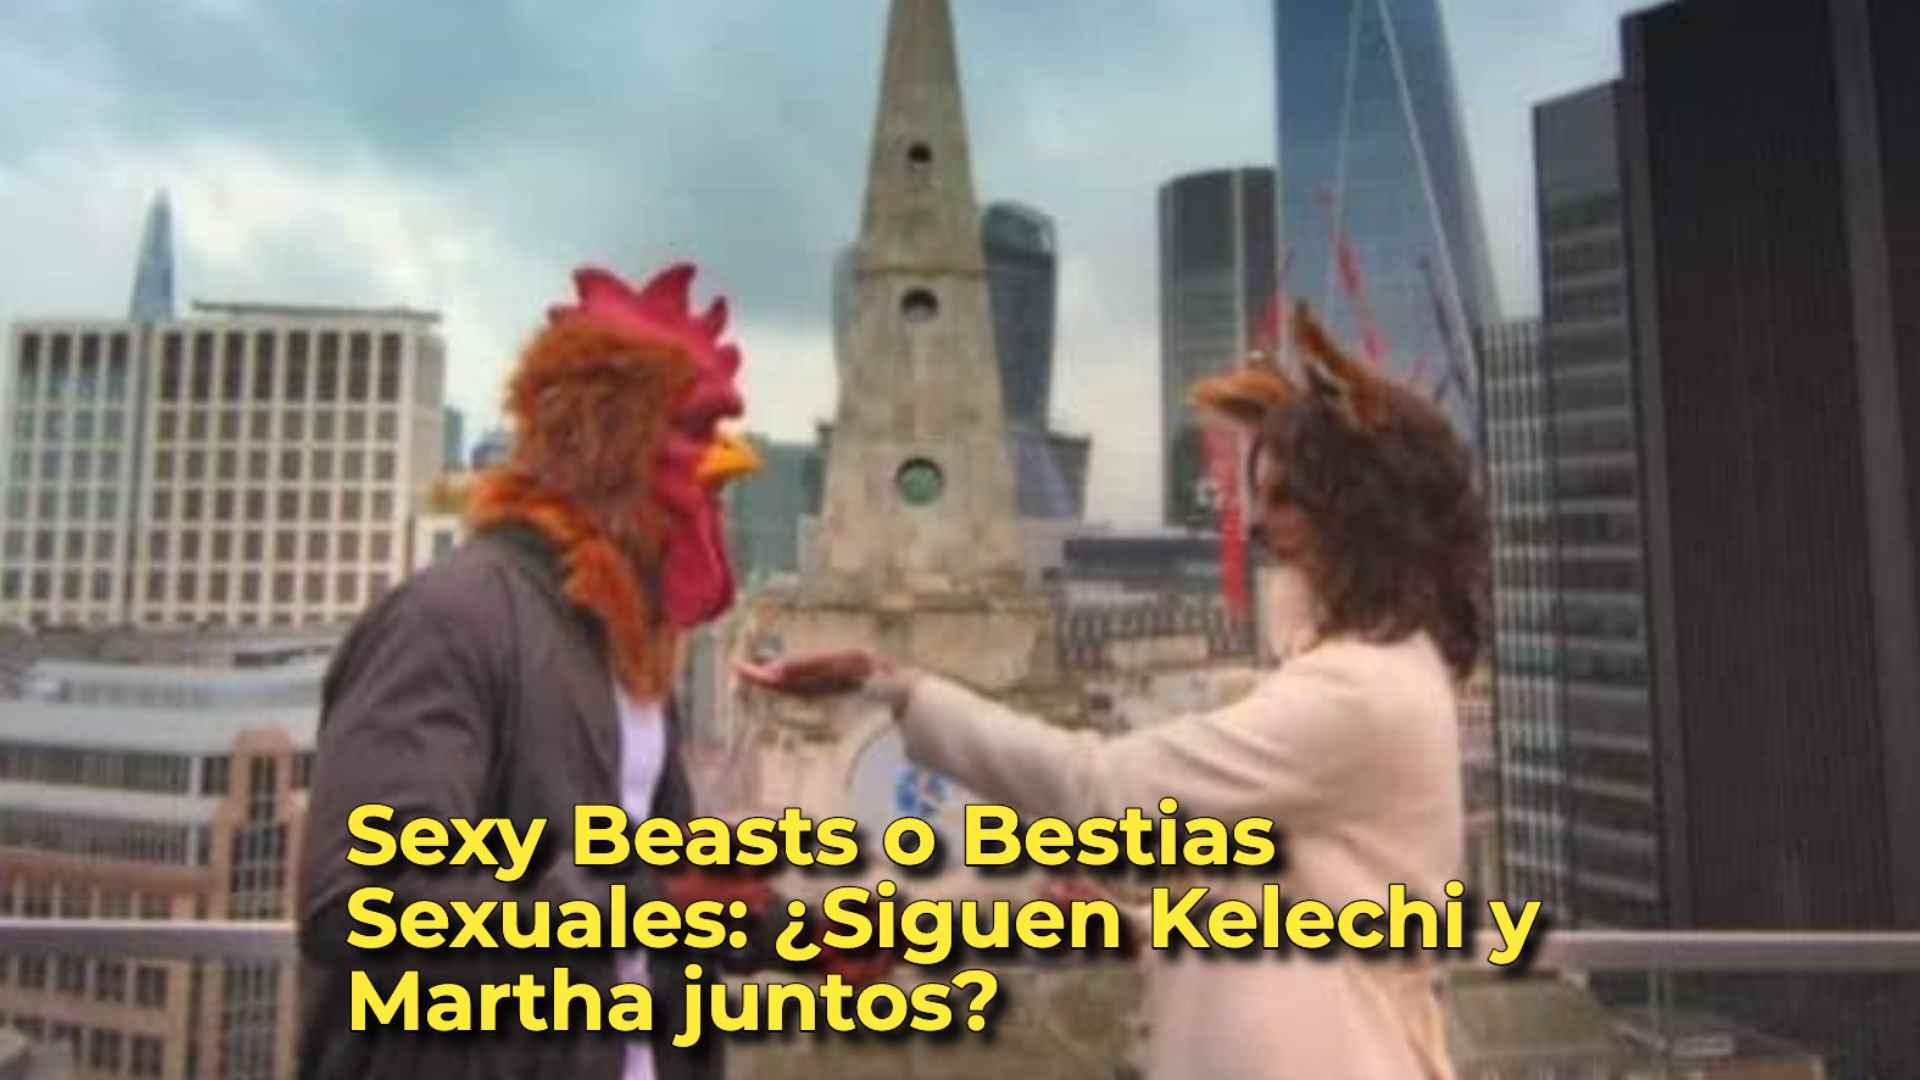 Sexy Beasts o Bestias Sexuales: ¿Siguen Kelechi y Martha juntos?